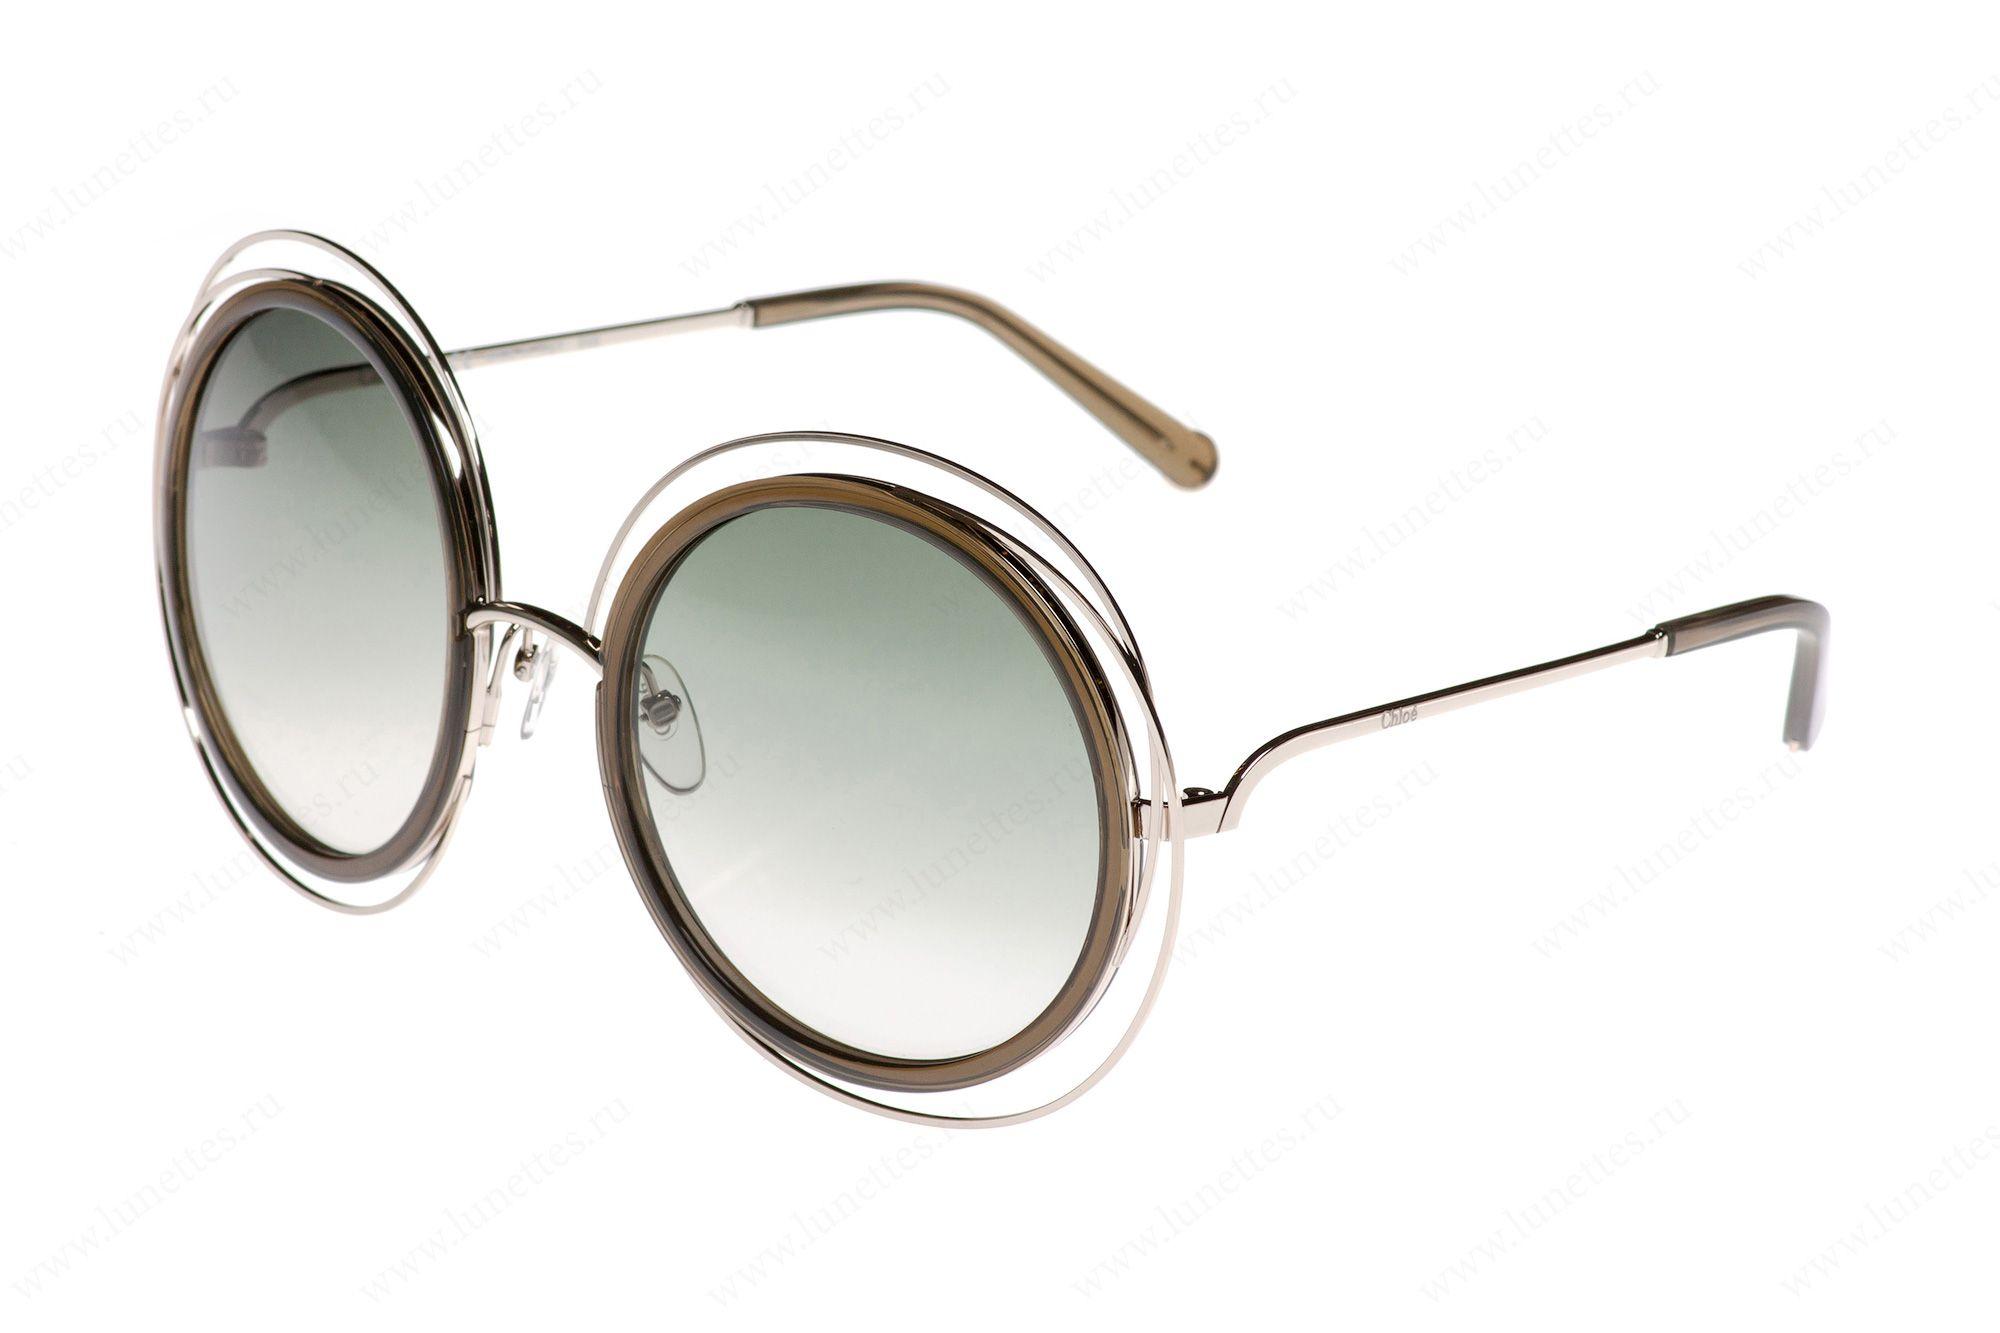 808a9ec60080 Купить солнцезащитные очки Chloe 120S 750 в интернет-магазине